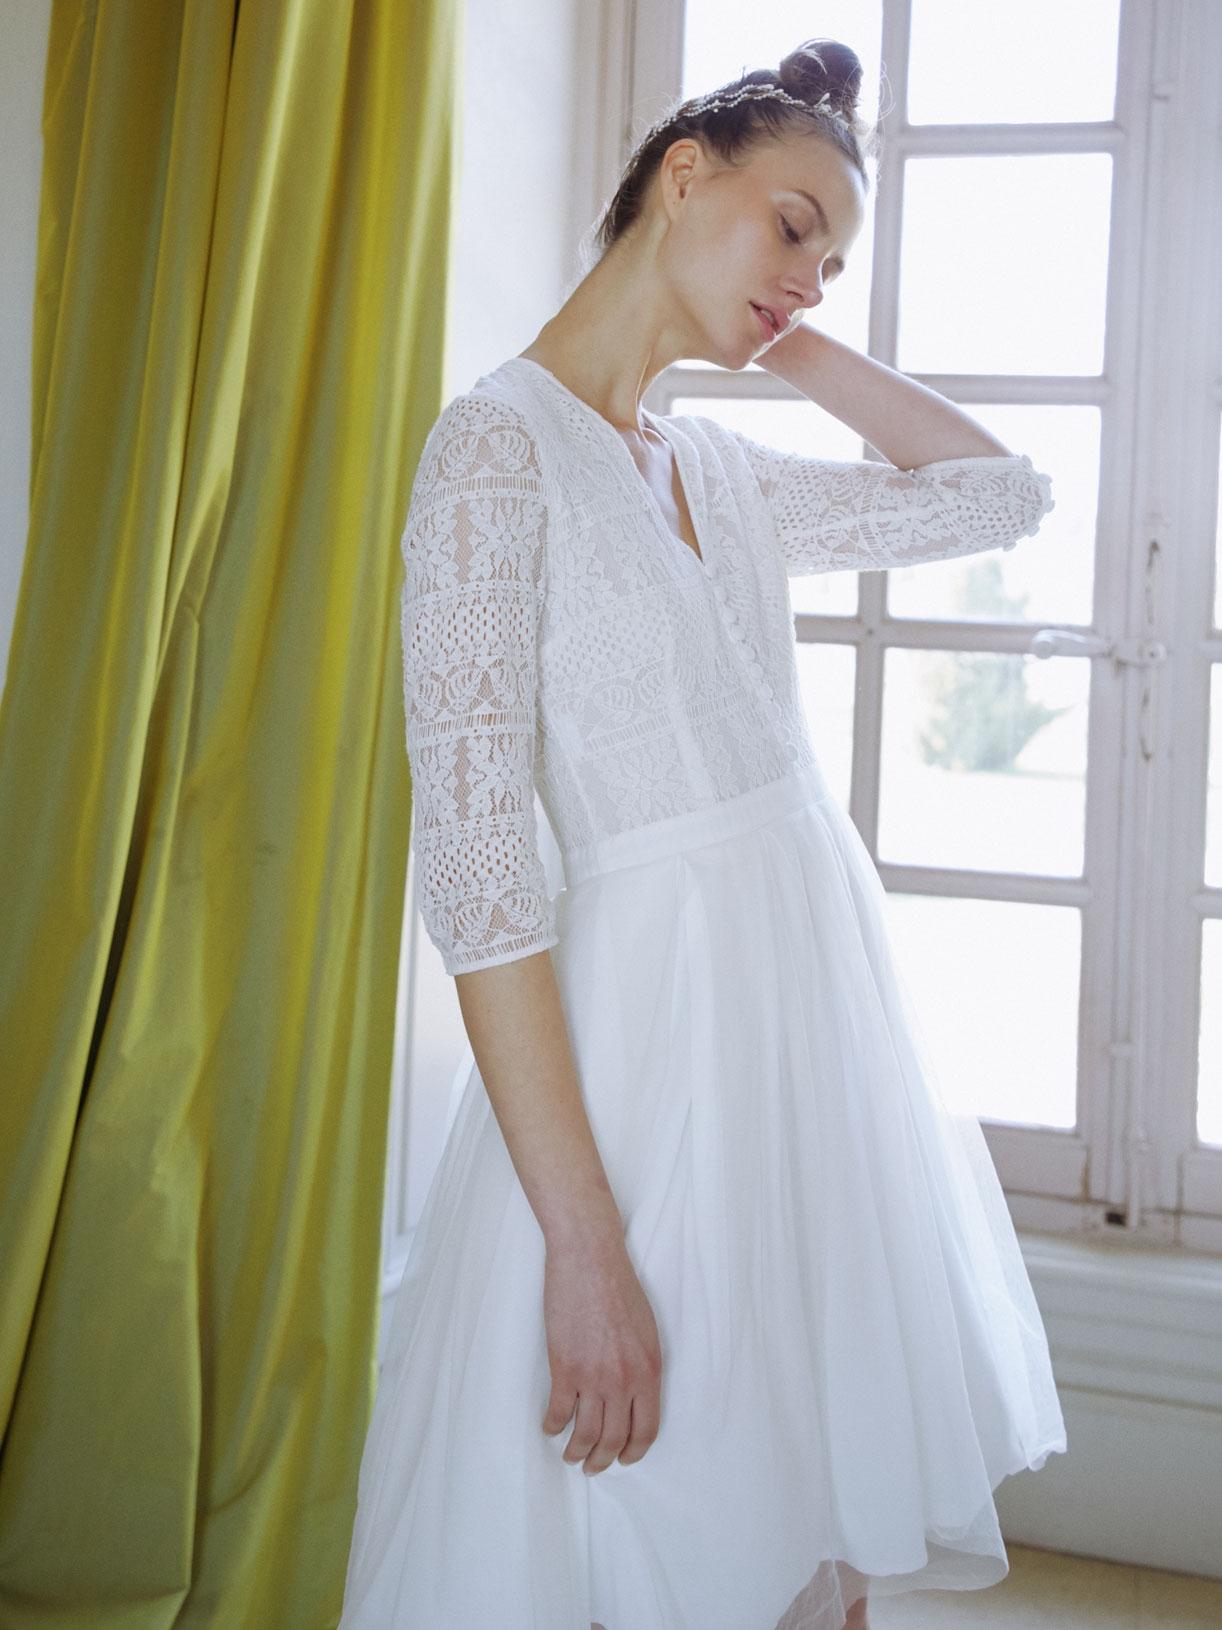 KELLY - Robe de mariée courte en dentelle et tulle pour mariage civil - Créatrice de robes de mariée sur-mesure éthique et bio sur Paris - Myphilosophy